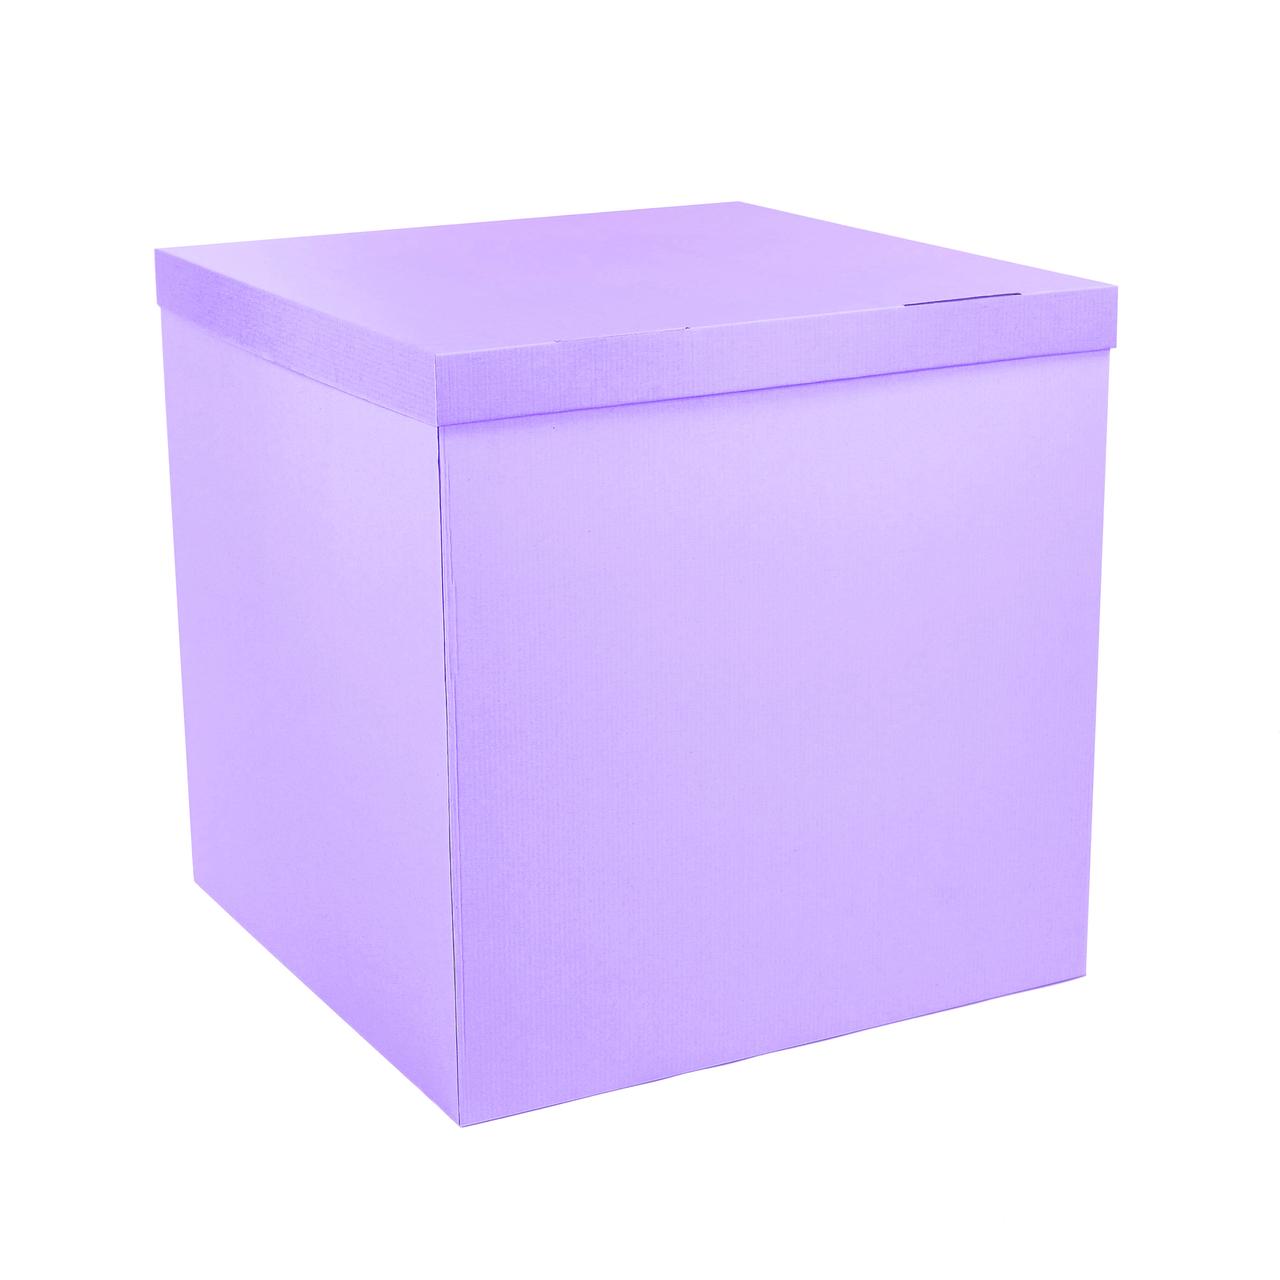 Коробка-сюрприз 700*700*700мм сиреневая без печати (значительный брак)